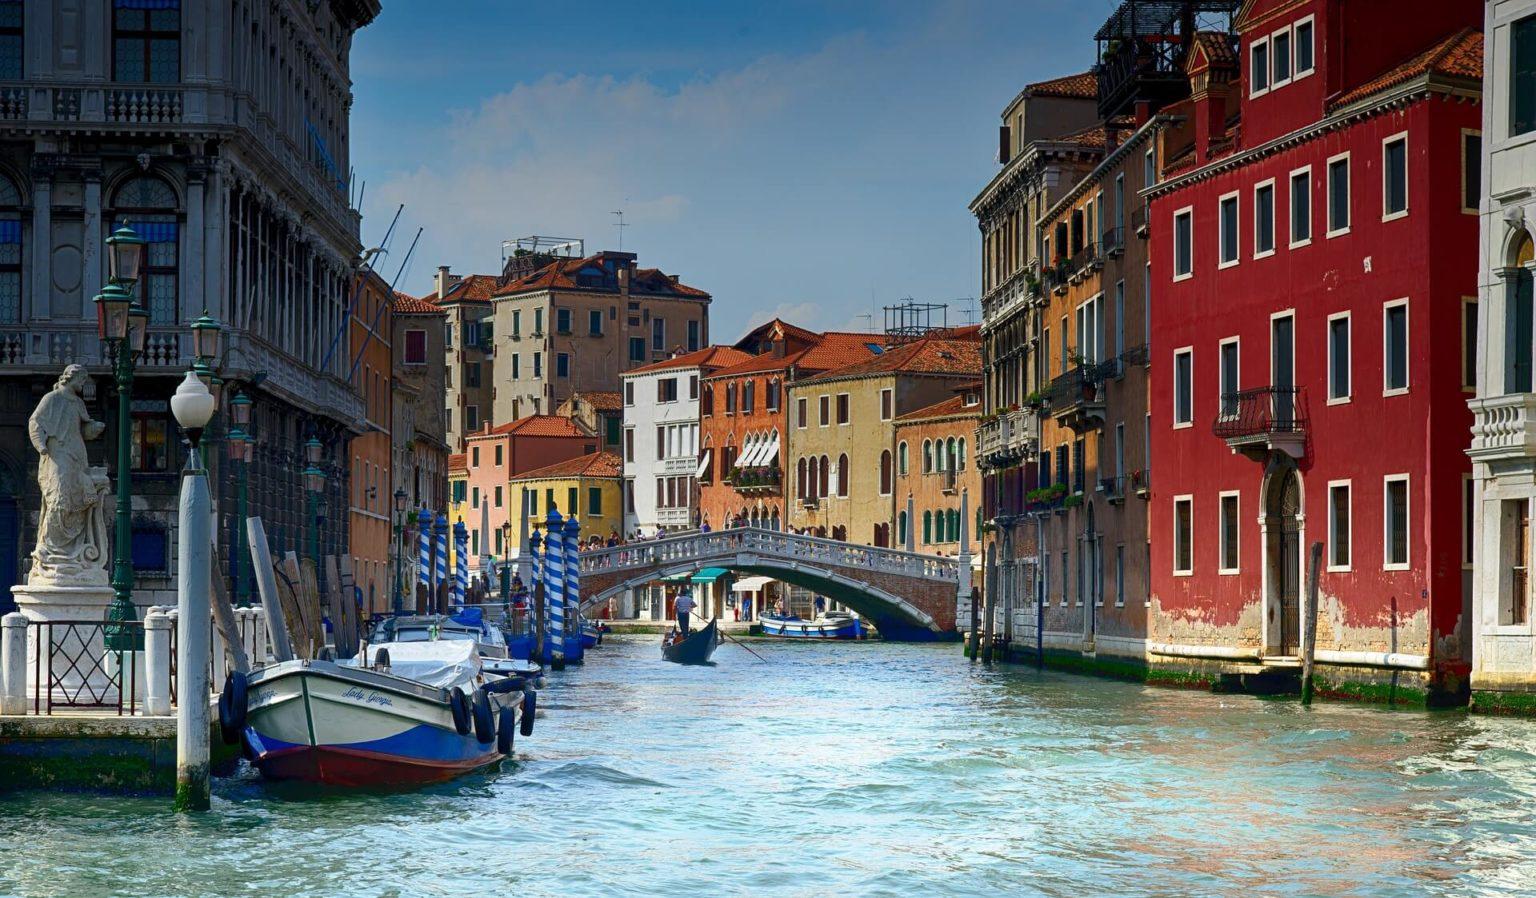 Venezia Hotels (by Jörg Peter)